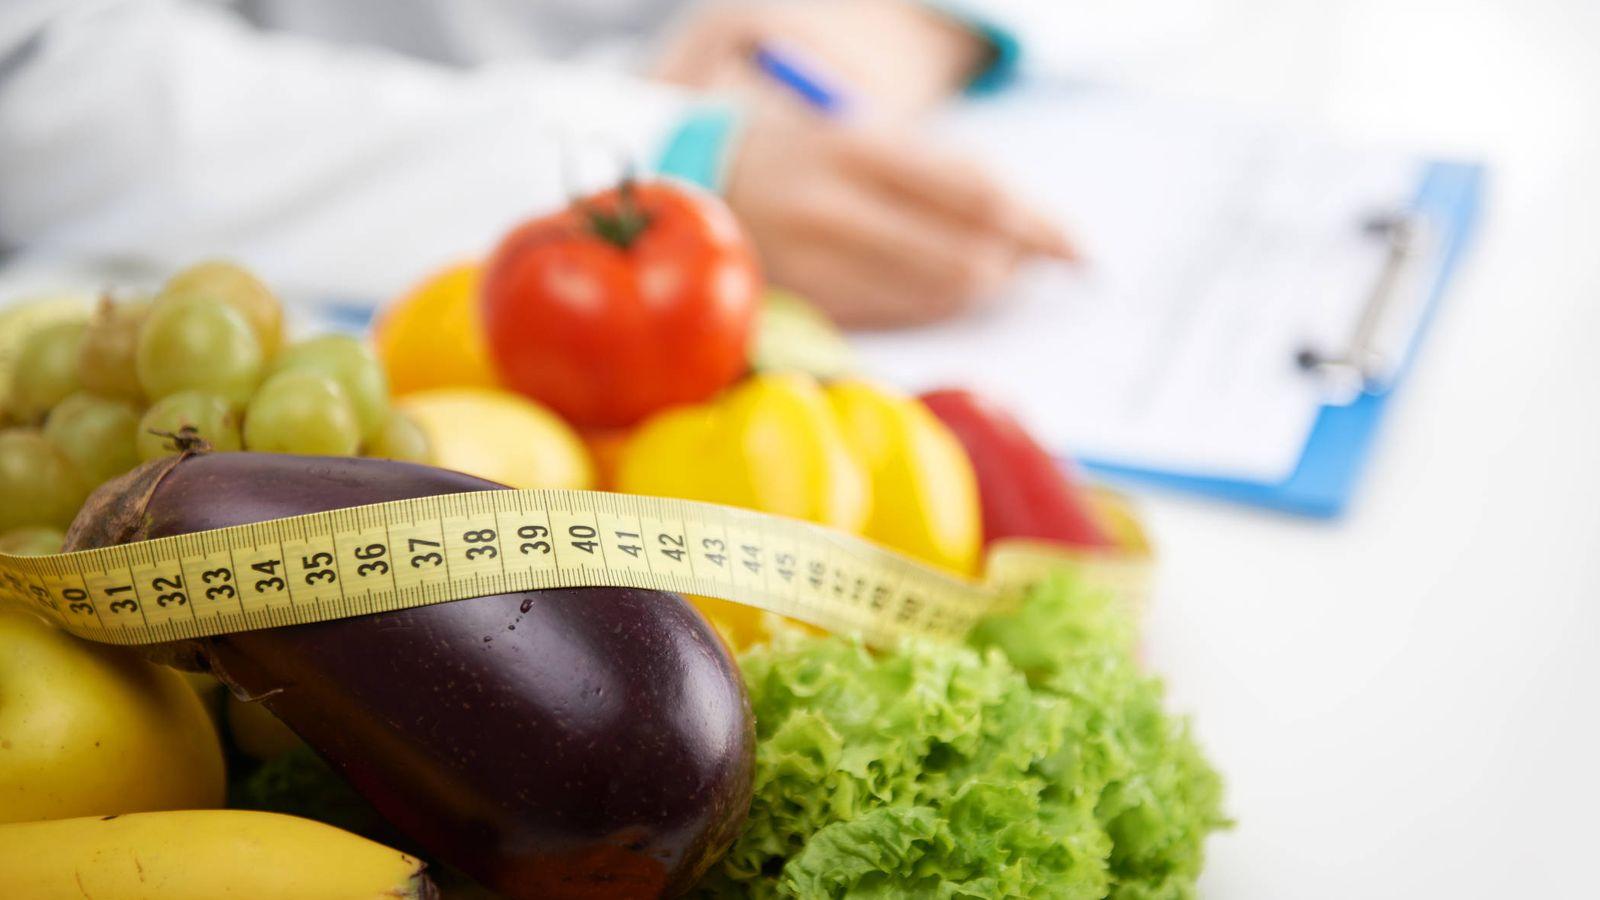 dieta-ornish-el-plan-de-adelgazamiento-que-es-bueno-para-el-corazon